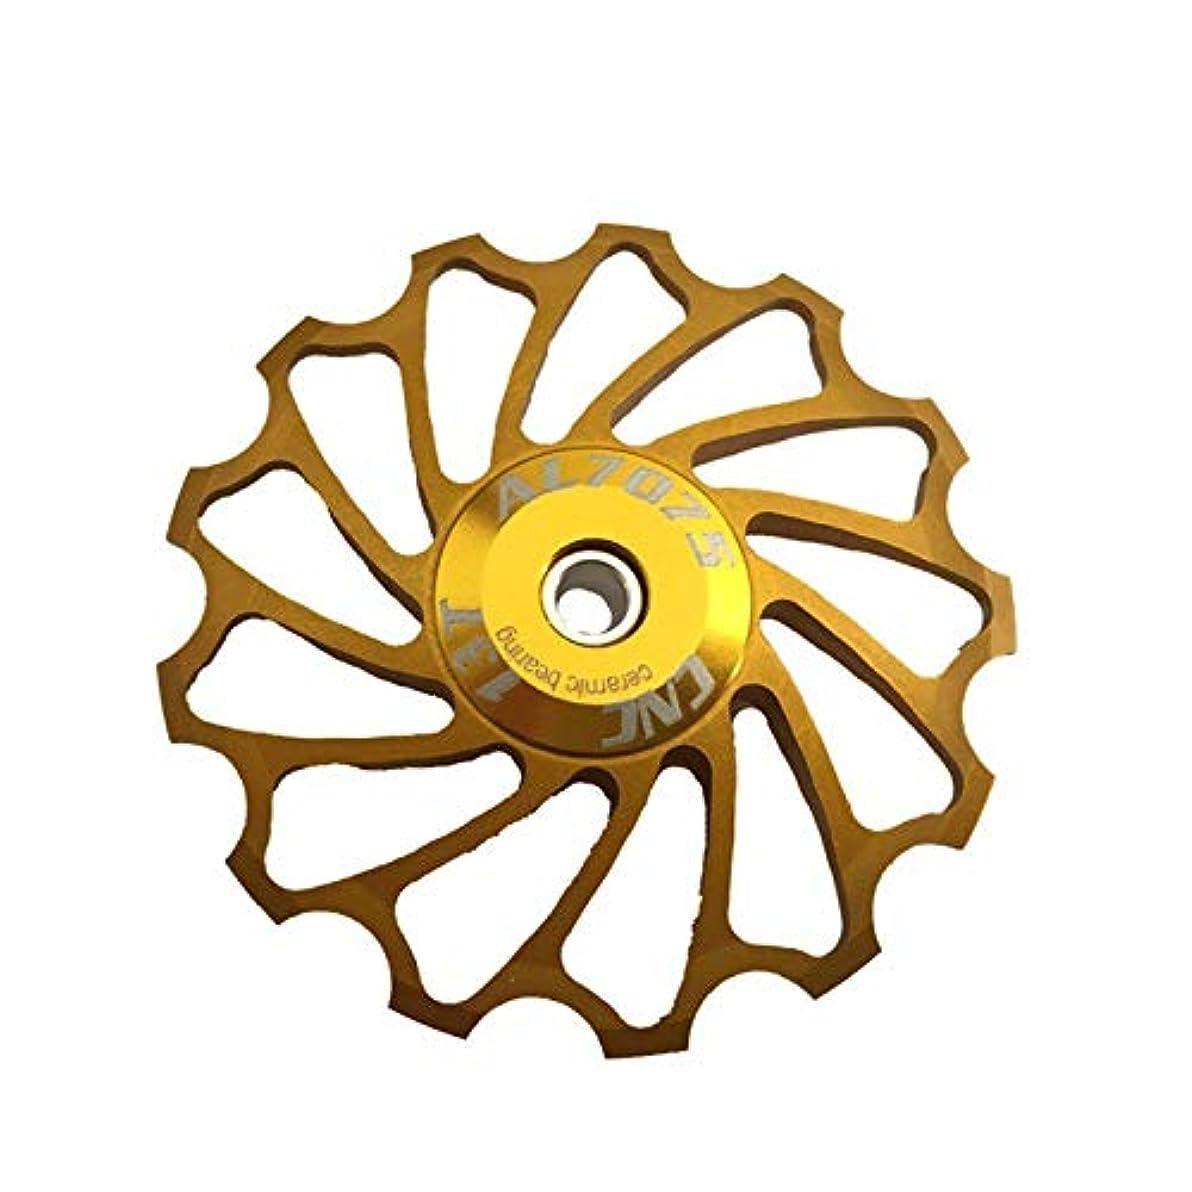 力強いスリム改善Propenary - Cycling bike ceramics Jockey Wheel Rear Derailleur Pulley 13T 7075 Aluminum alloy bicycle guide pulley bearing bicycle parts [ Gold ]